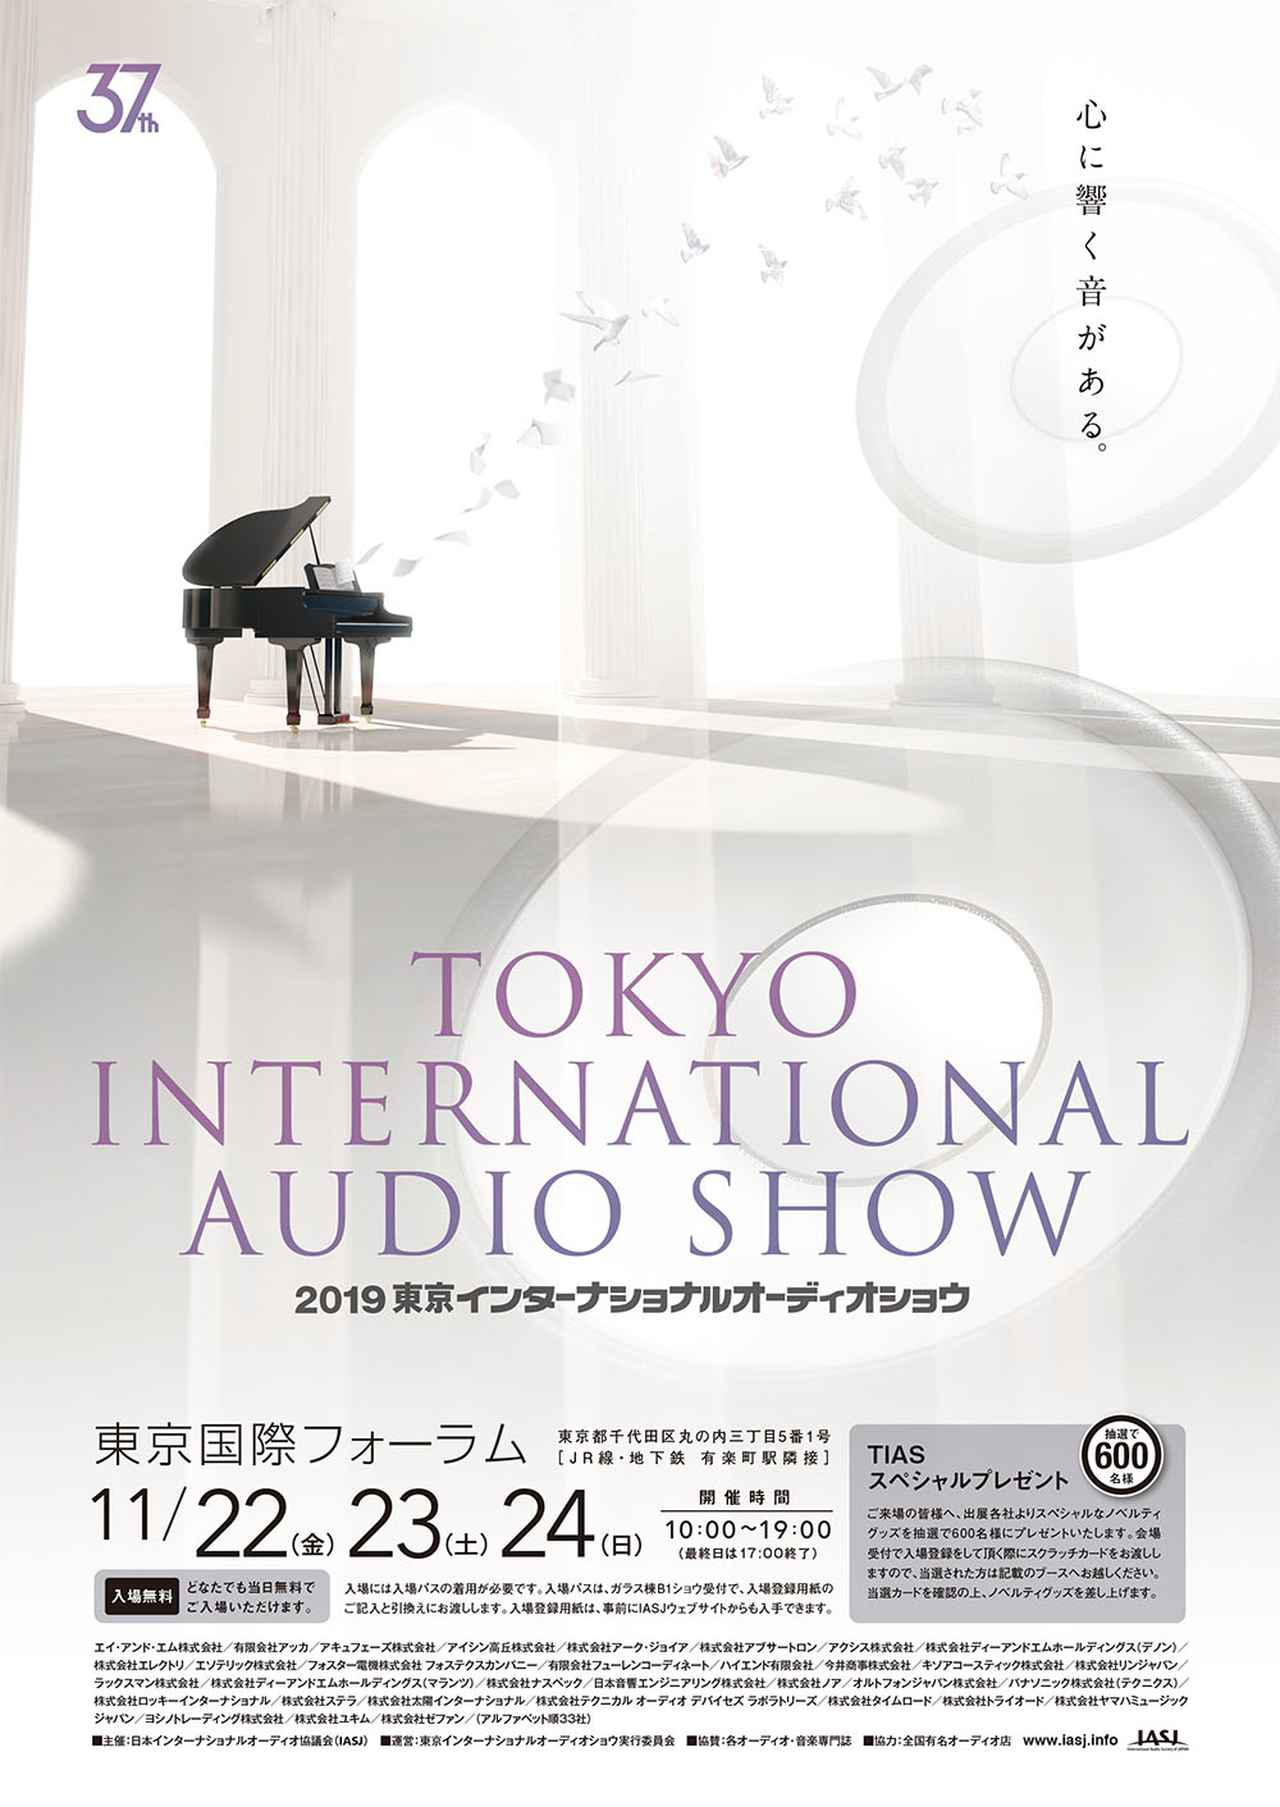 画像: 「2019東京インターナショナルオーディオショウ」がいよいよ開幕! 今年の全ブースの必見アイテムをまとめてご紹介します